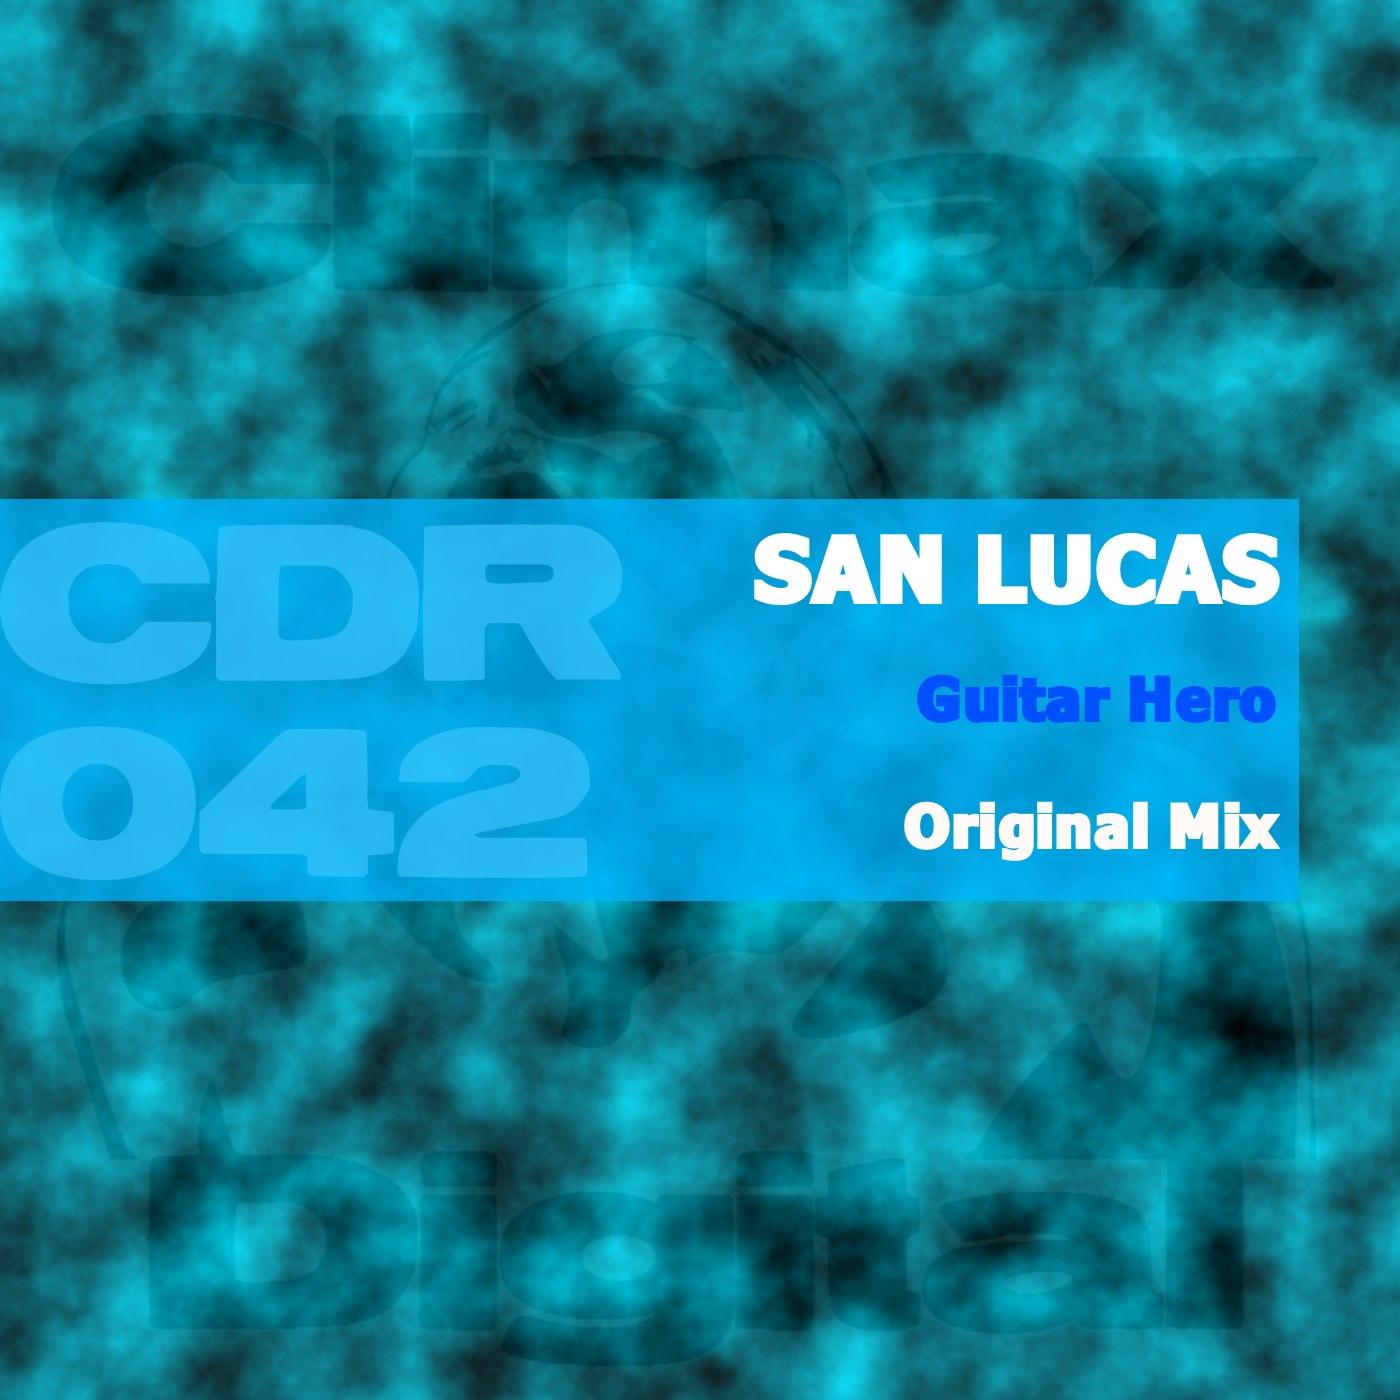 San Lucas – Guitar Hero